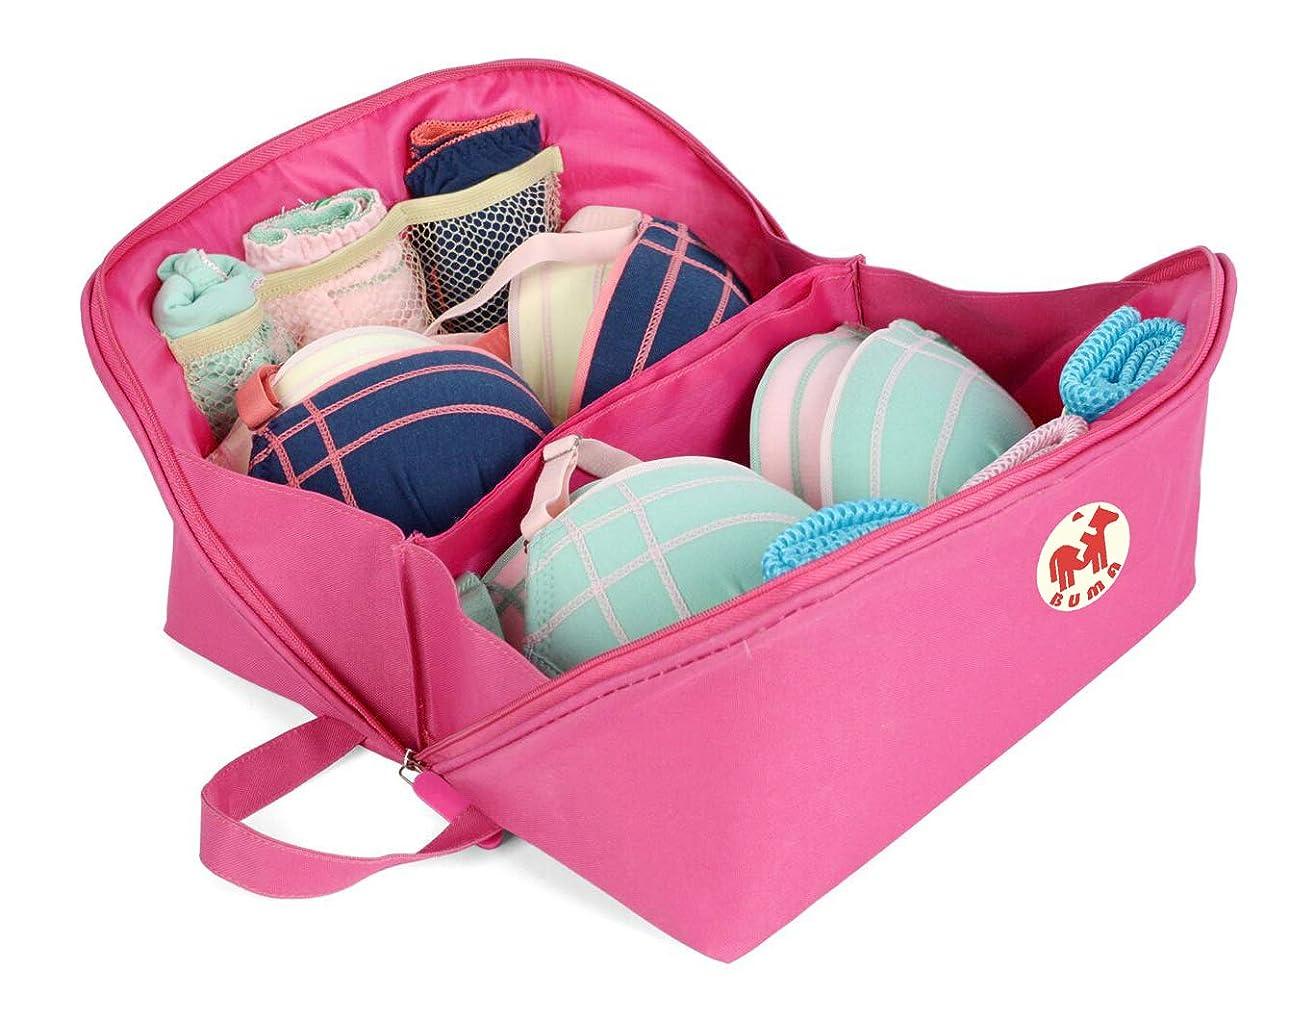 Bra Underwear Travel Packing Organizer Waterproof Pack Cube Lingerie Socks Bag